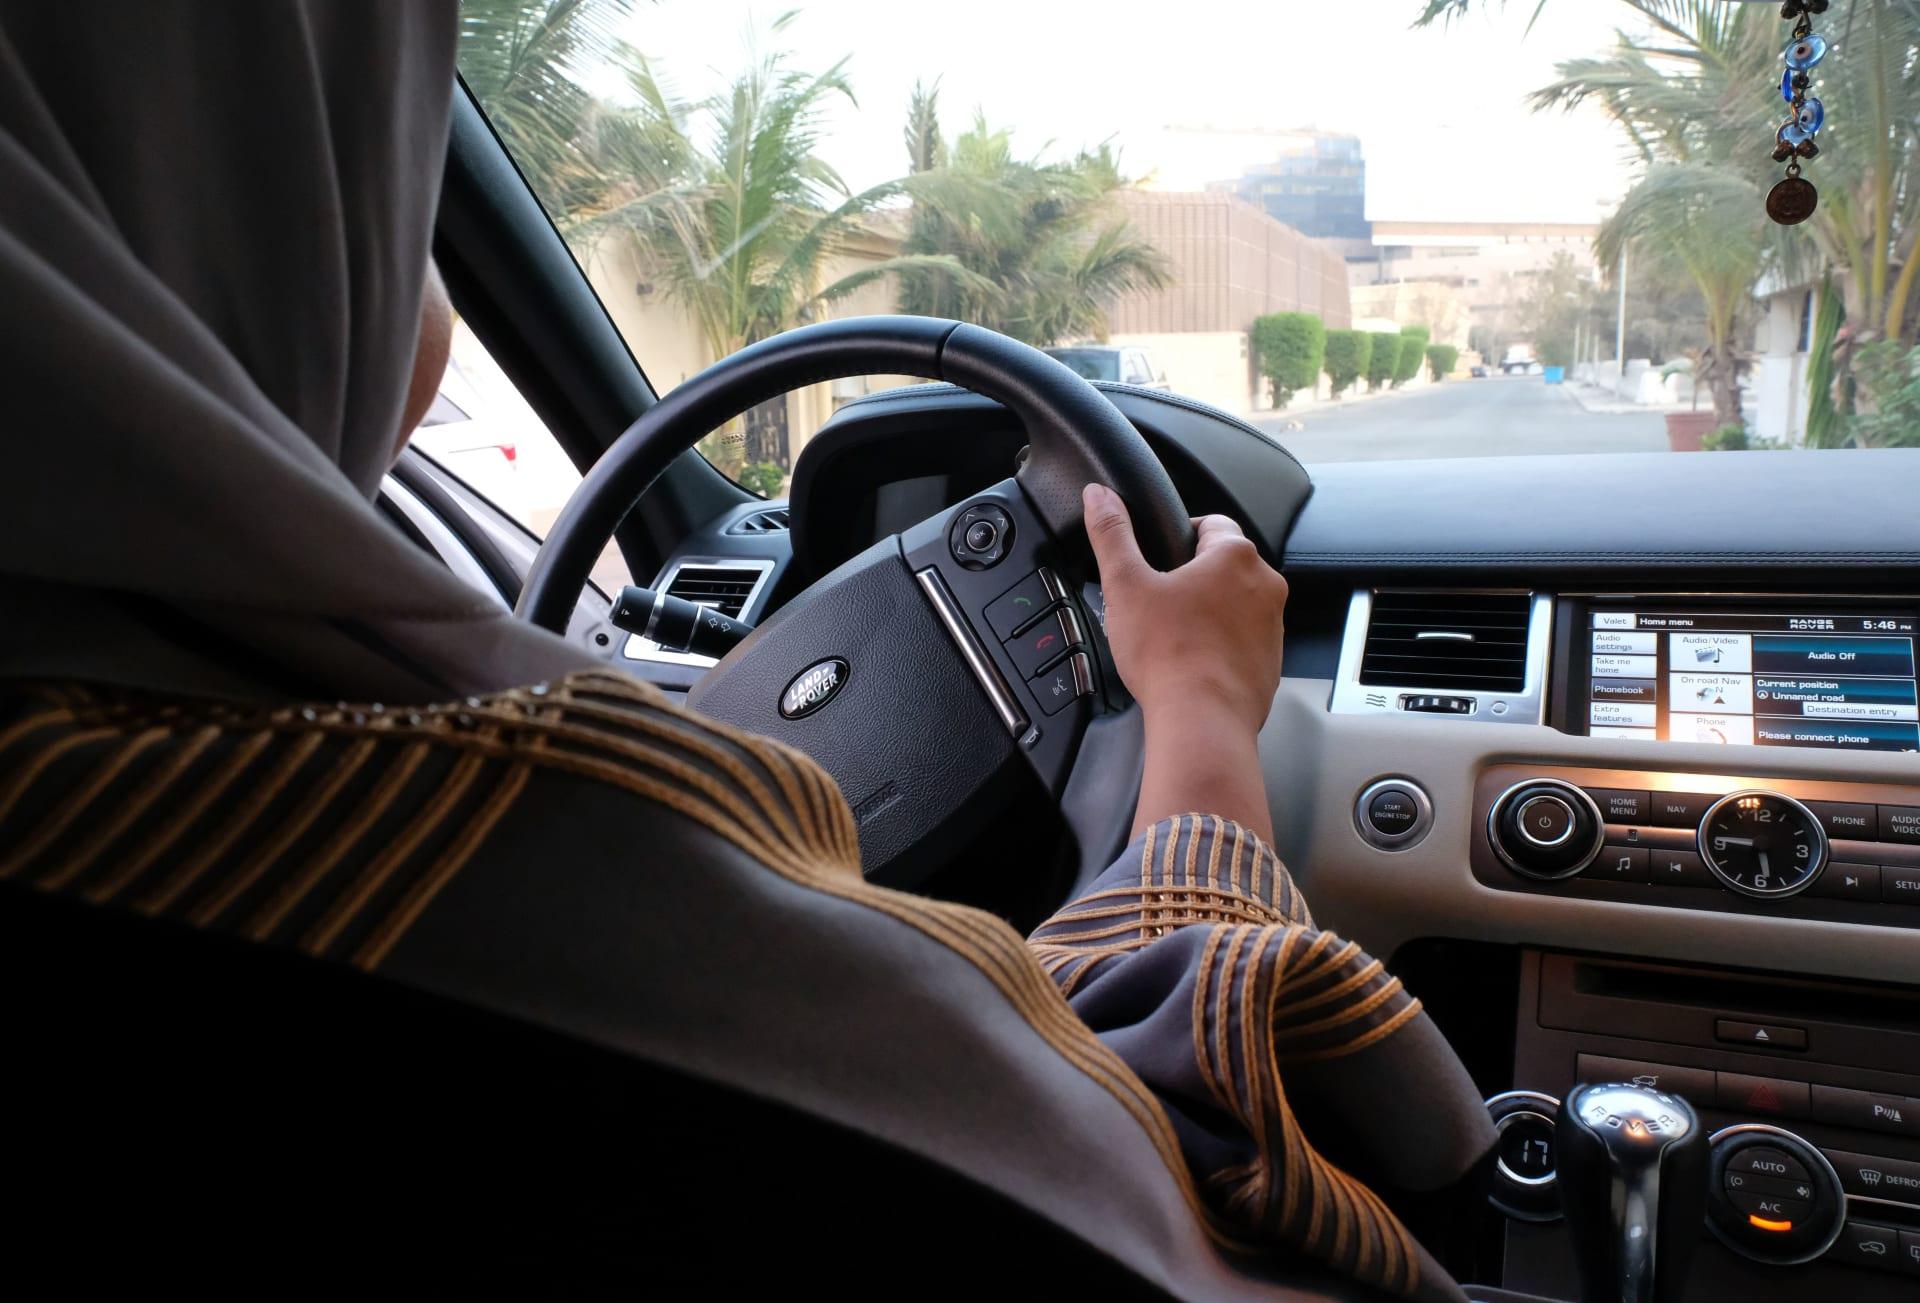 منح أول 10 رخص قيادة للنساء السعوديات في المملكة